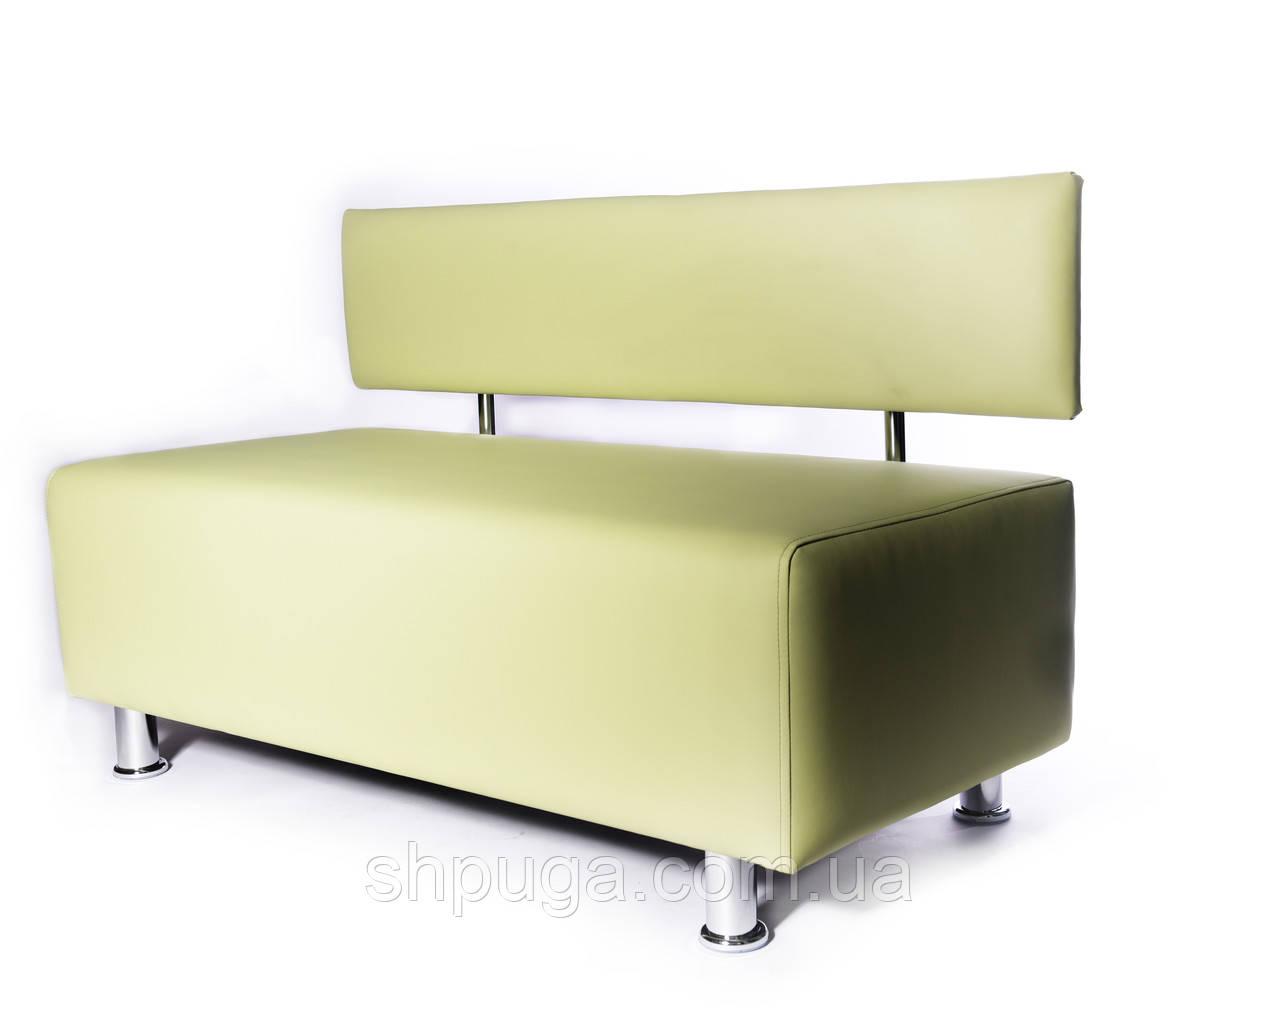 Диван офисный , в зал ожидания , диван кухонный, диван на балкон . Материал , цвет и размер на выбор.